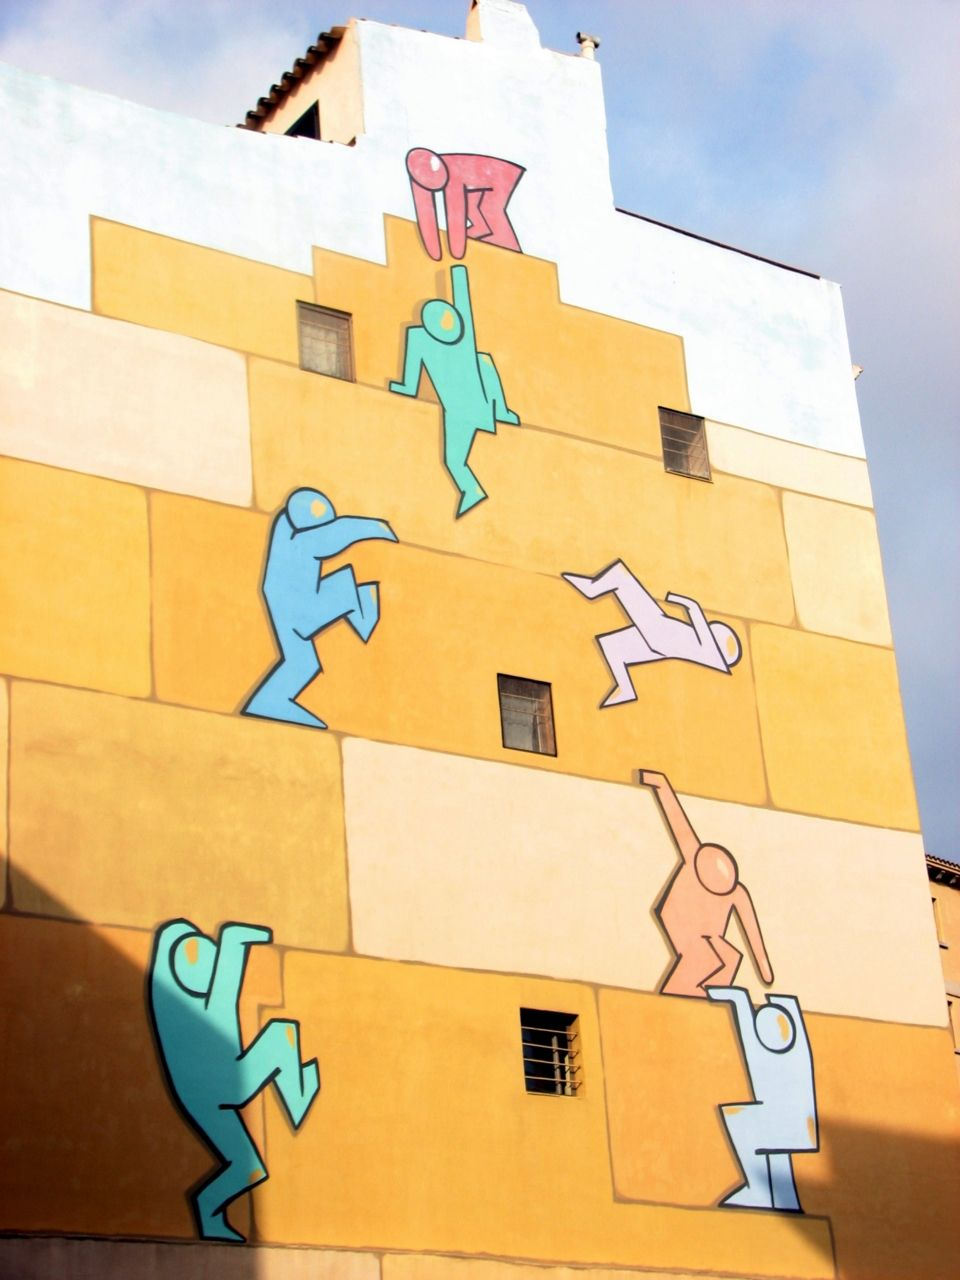 Abstract and Weird Signs Part 2 | Pinterest | Street art, Graffiti ...